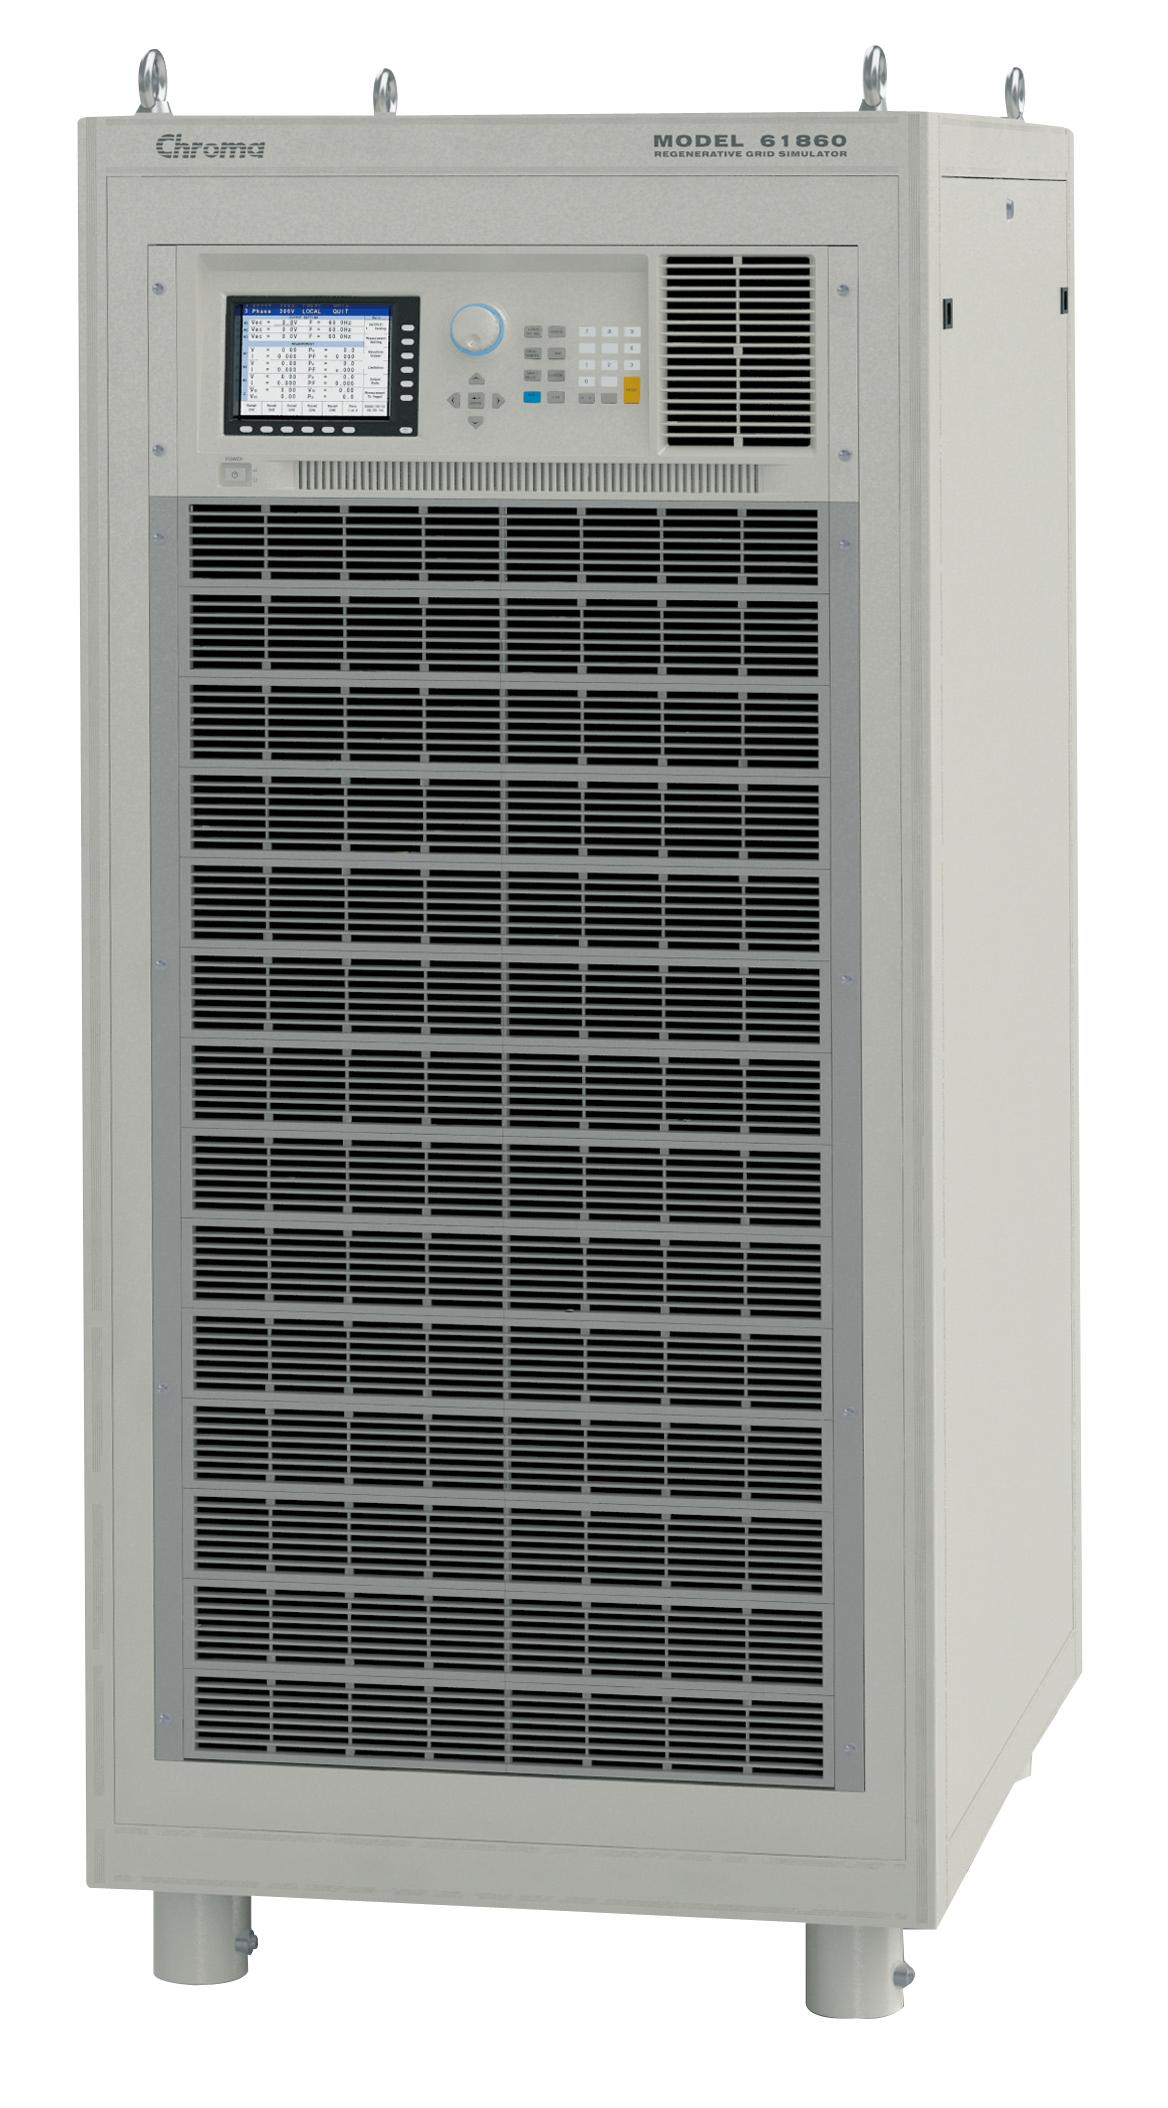 Chroma 61800 serie driefase AC voedingen